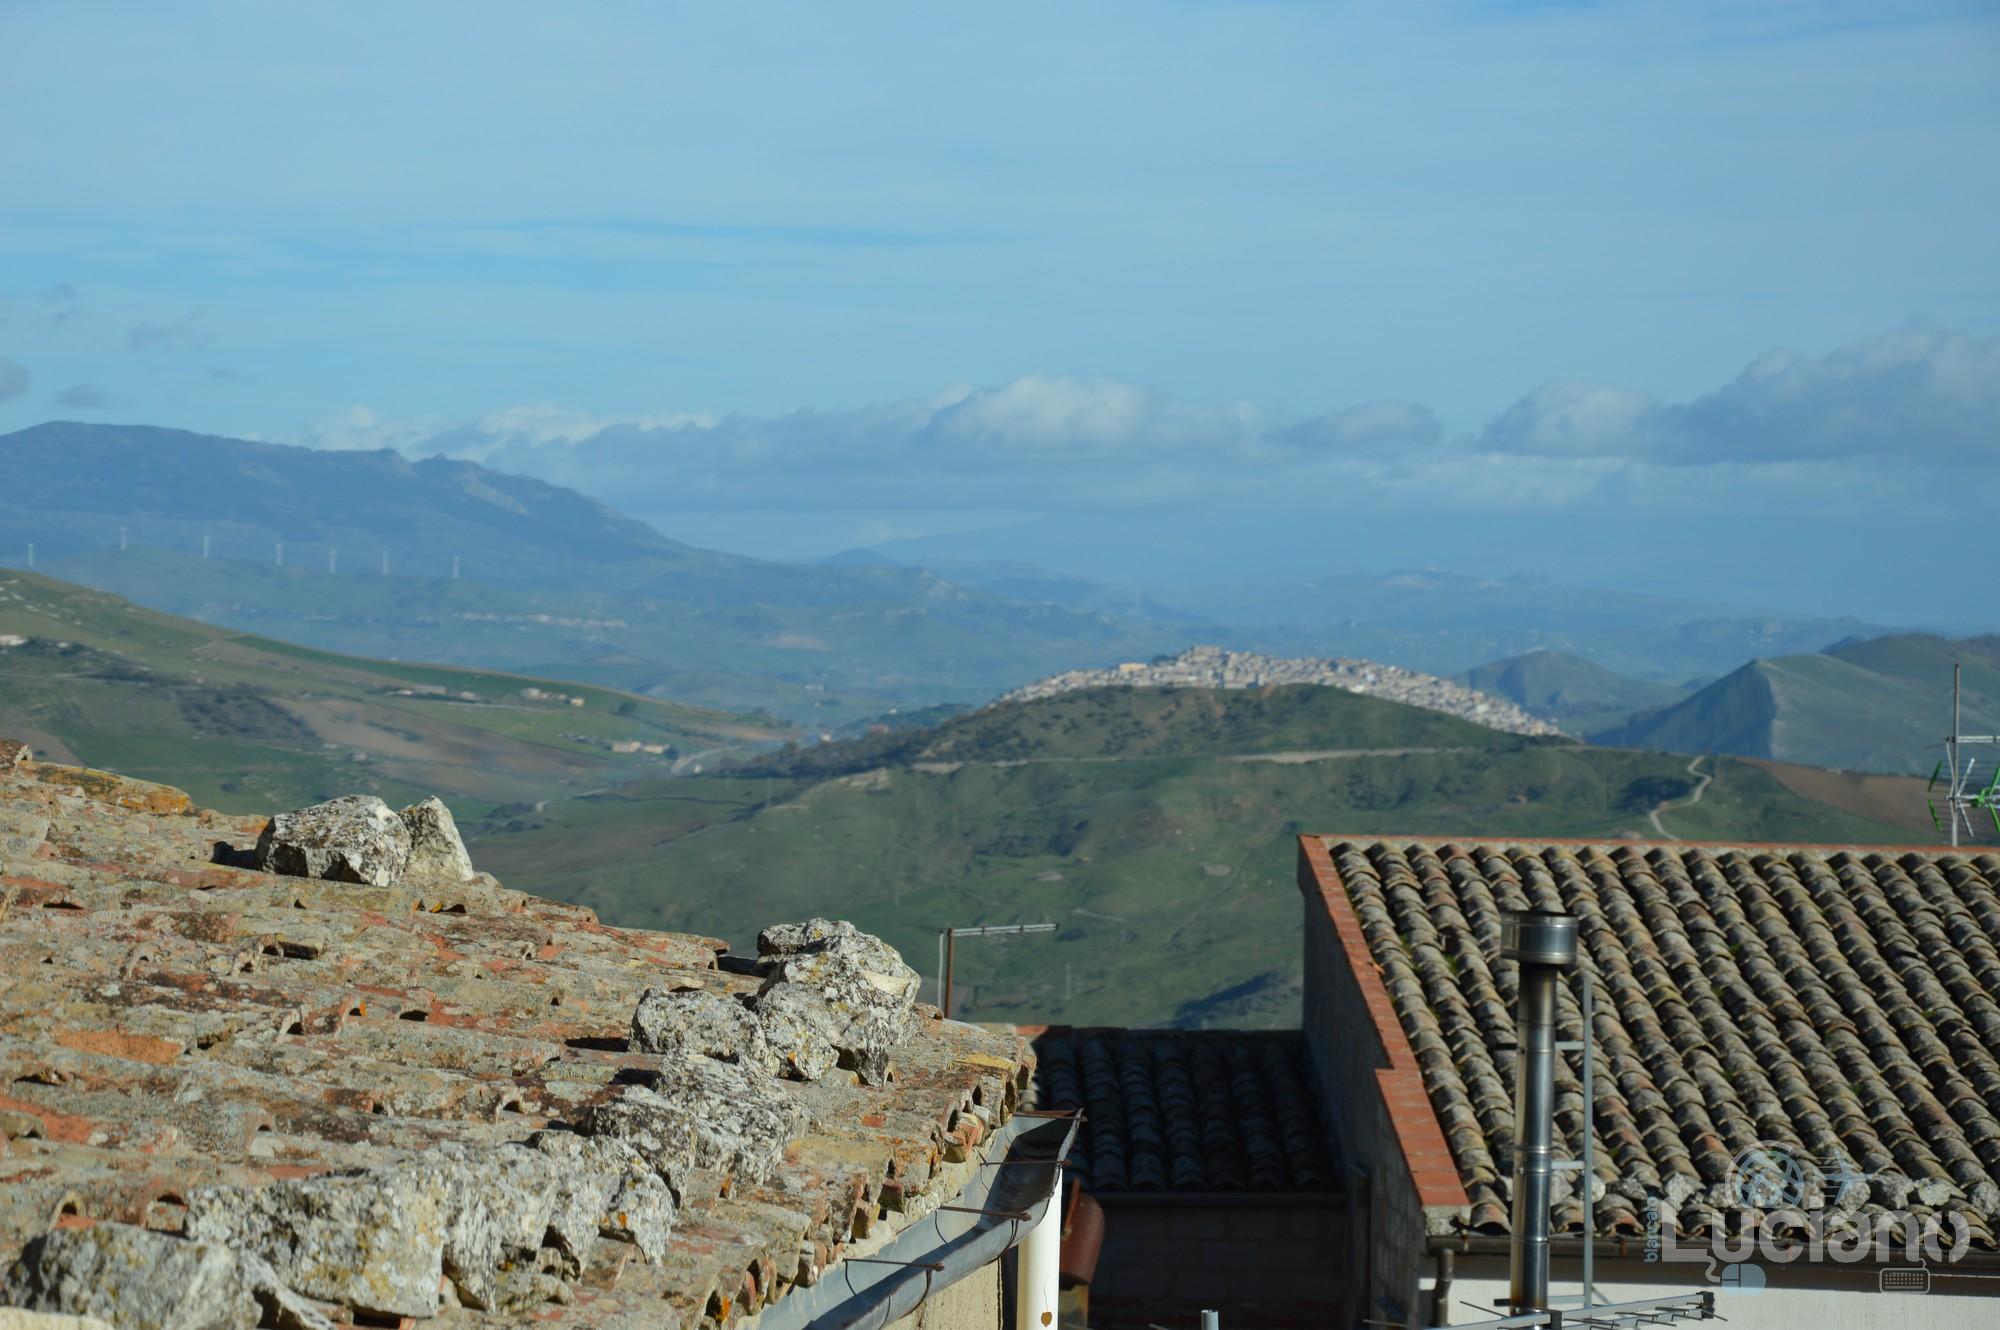 Vista di Gangi dal borgo di Petralia Soprana - Palermo -  I Borghi più belli d'Italia - Borgo più bello d'Italia 2018